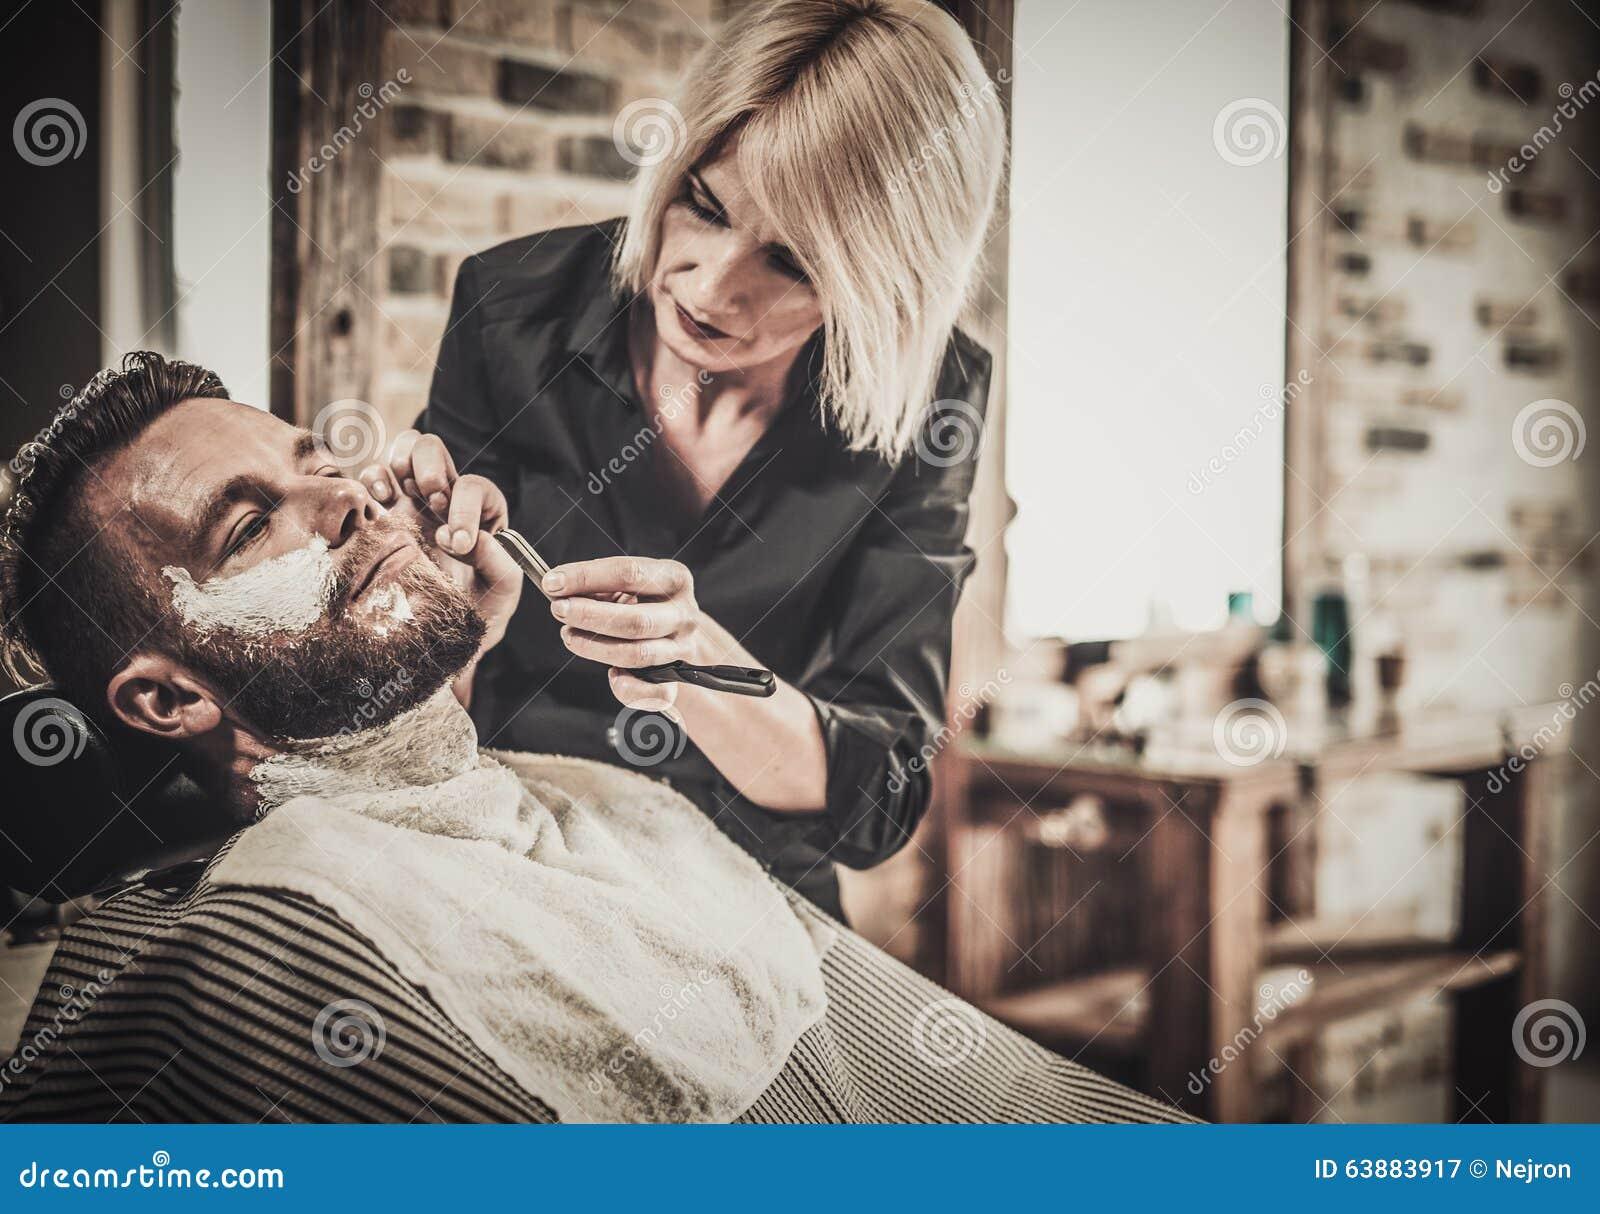 beard shaving in barber shop stock photo image 63883917. Black Bedroom Furniture Sets. Home Design Ideas